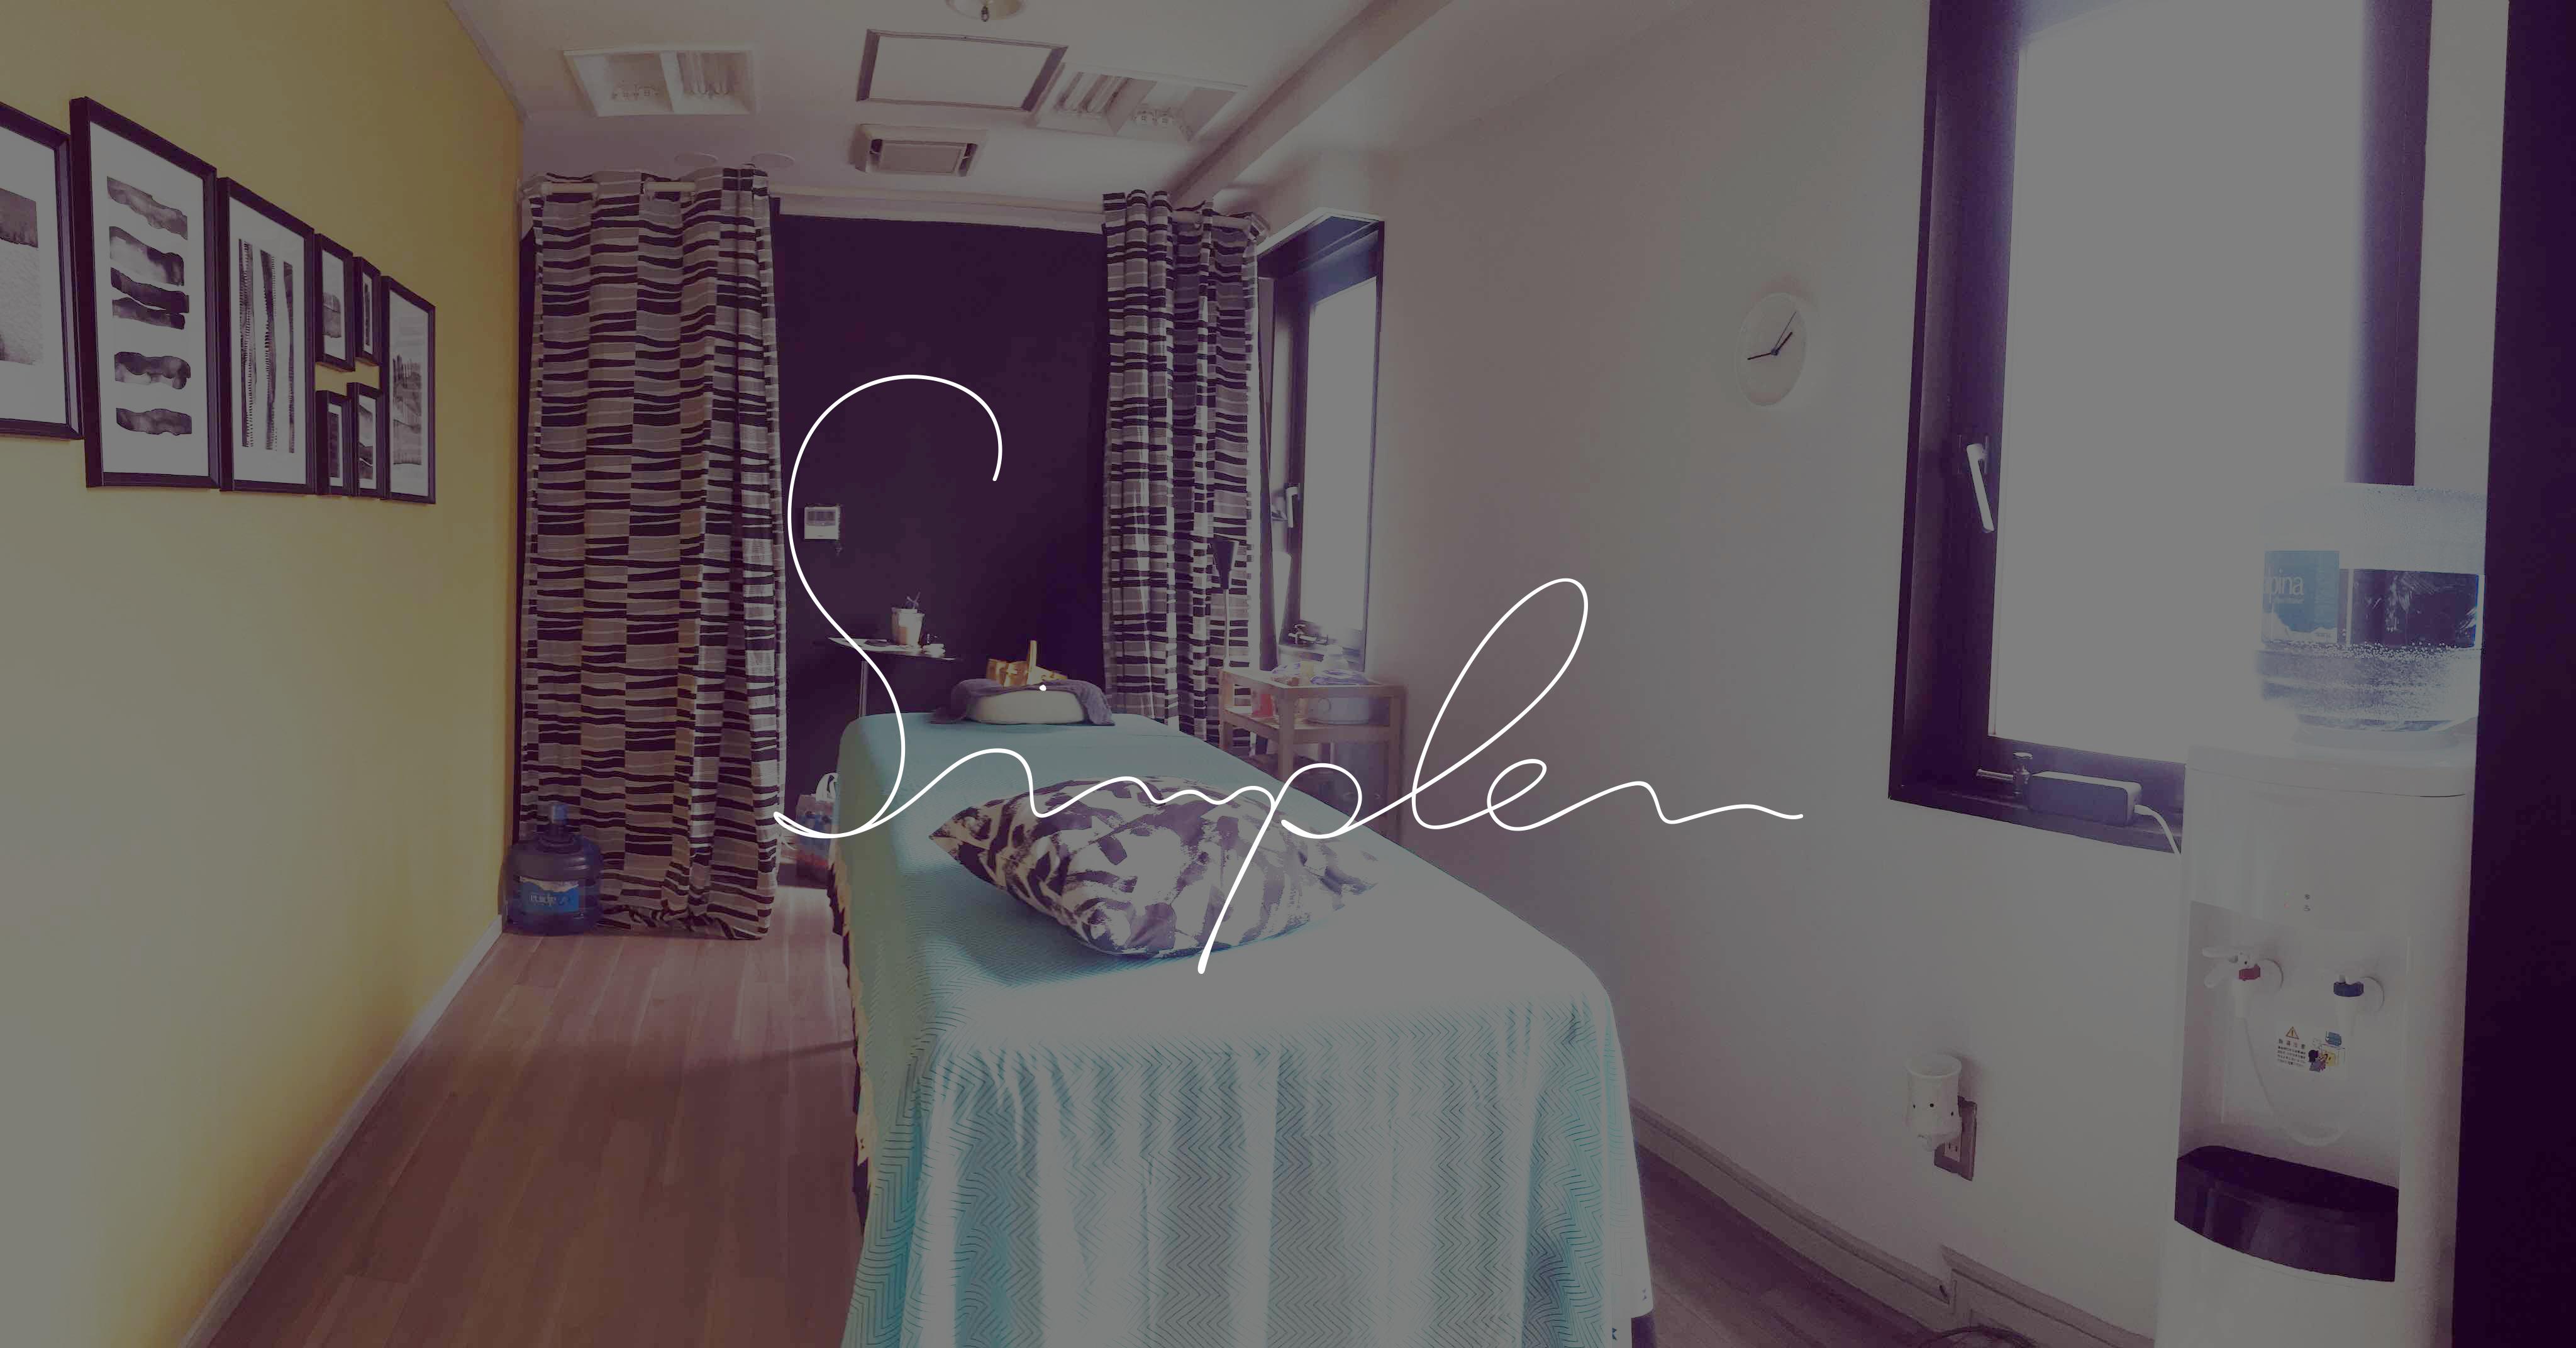 simples_in.jpg